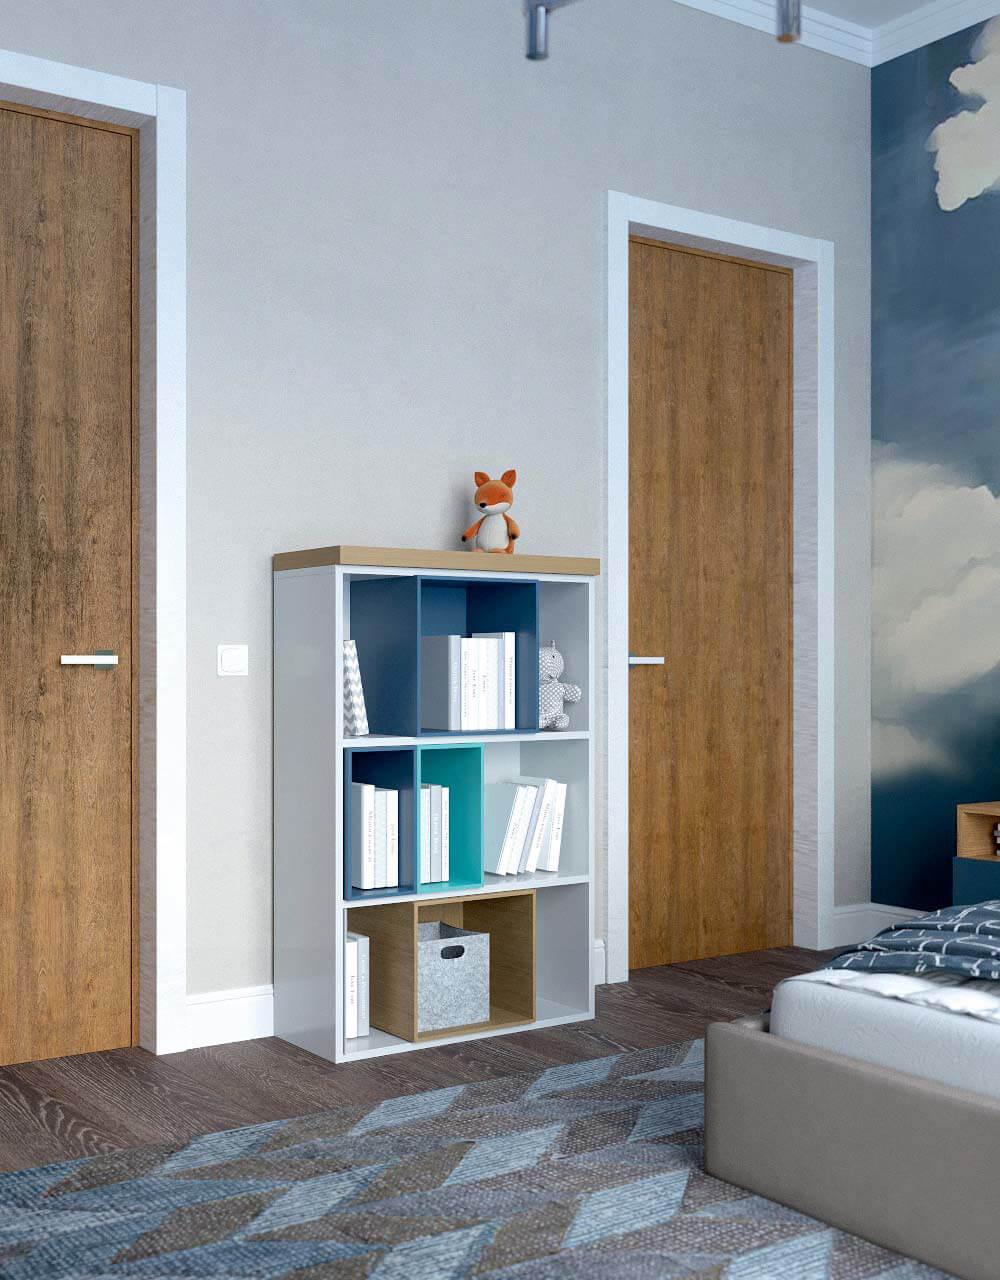 Мебель в комнату для девочки 10 лет проект 3743-5